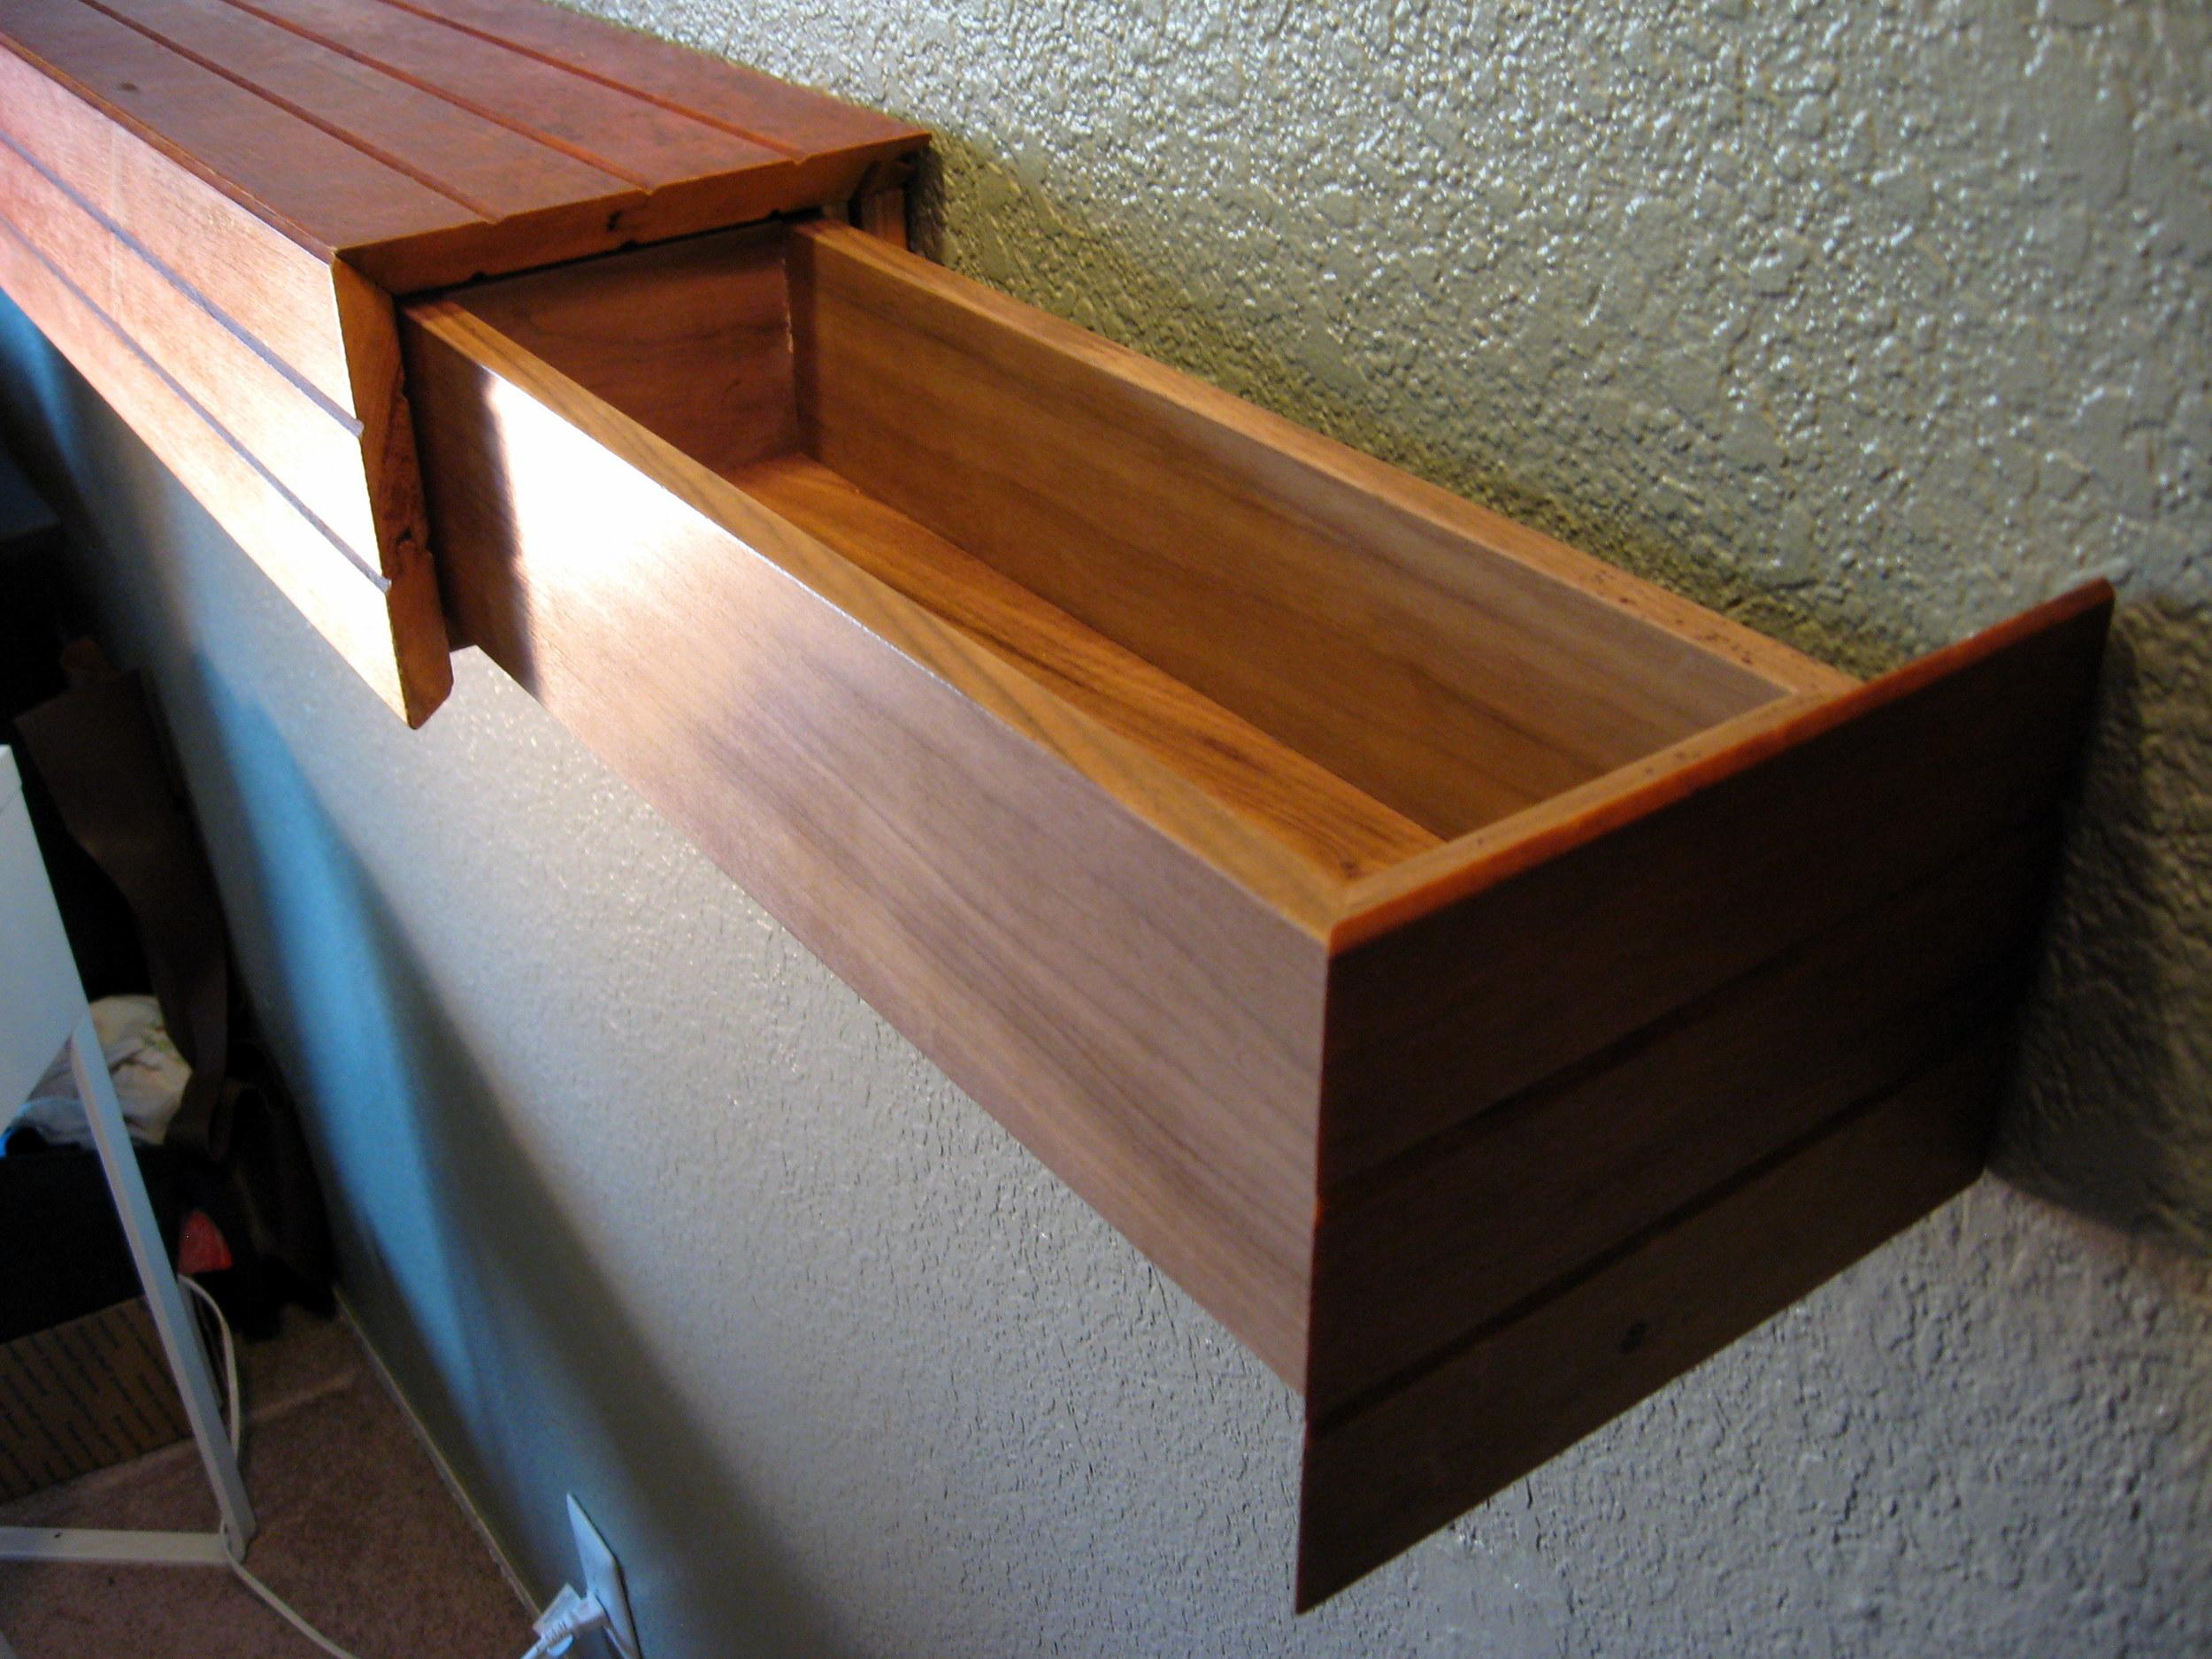 piston fit drawer